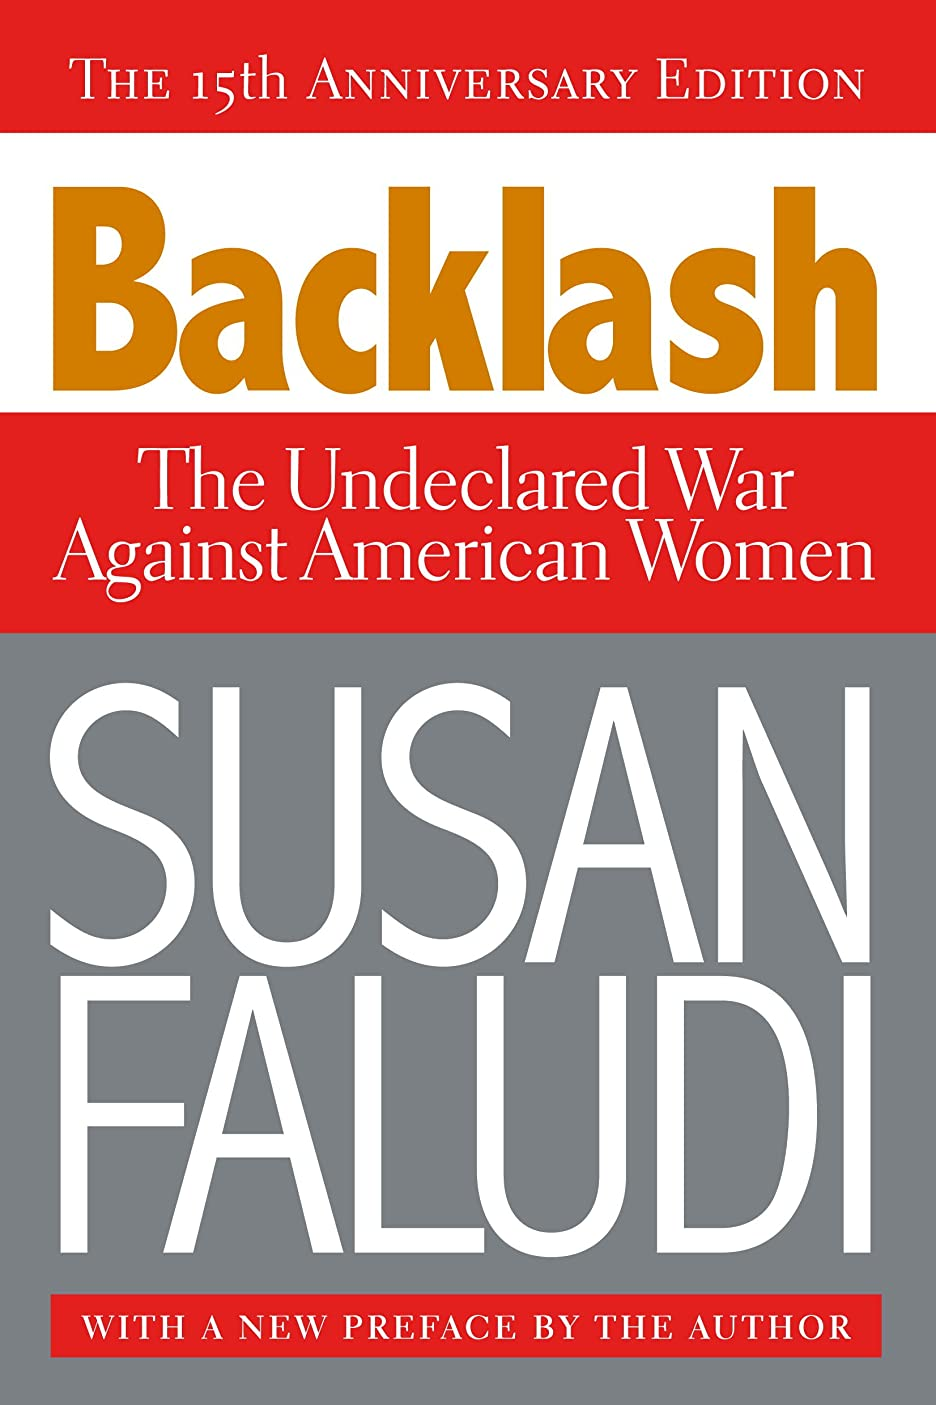 オークランドええレンダリングBacklash: The Undeclared War Against American Women (English Edition)